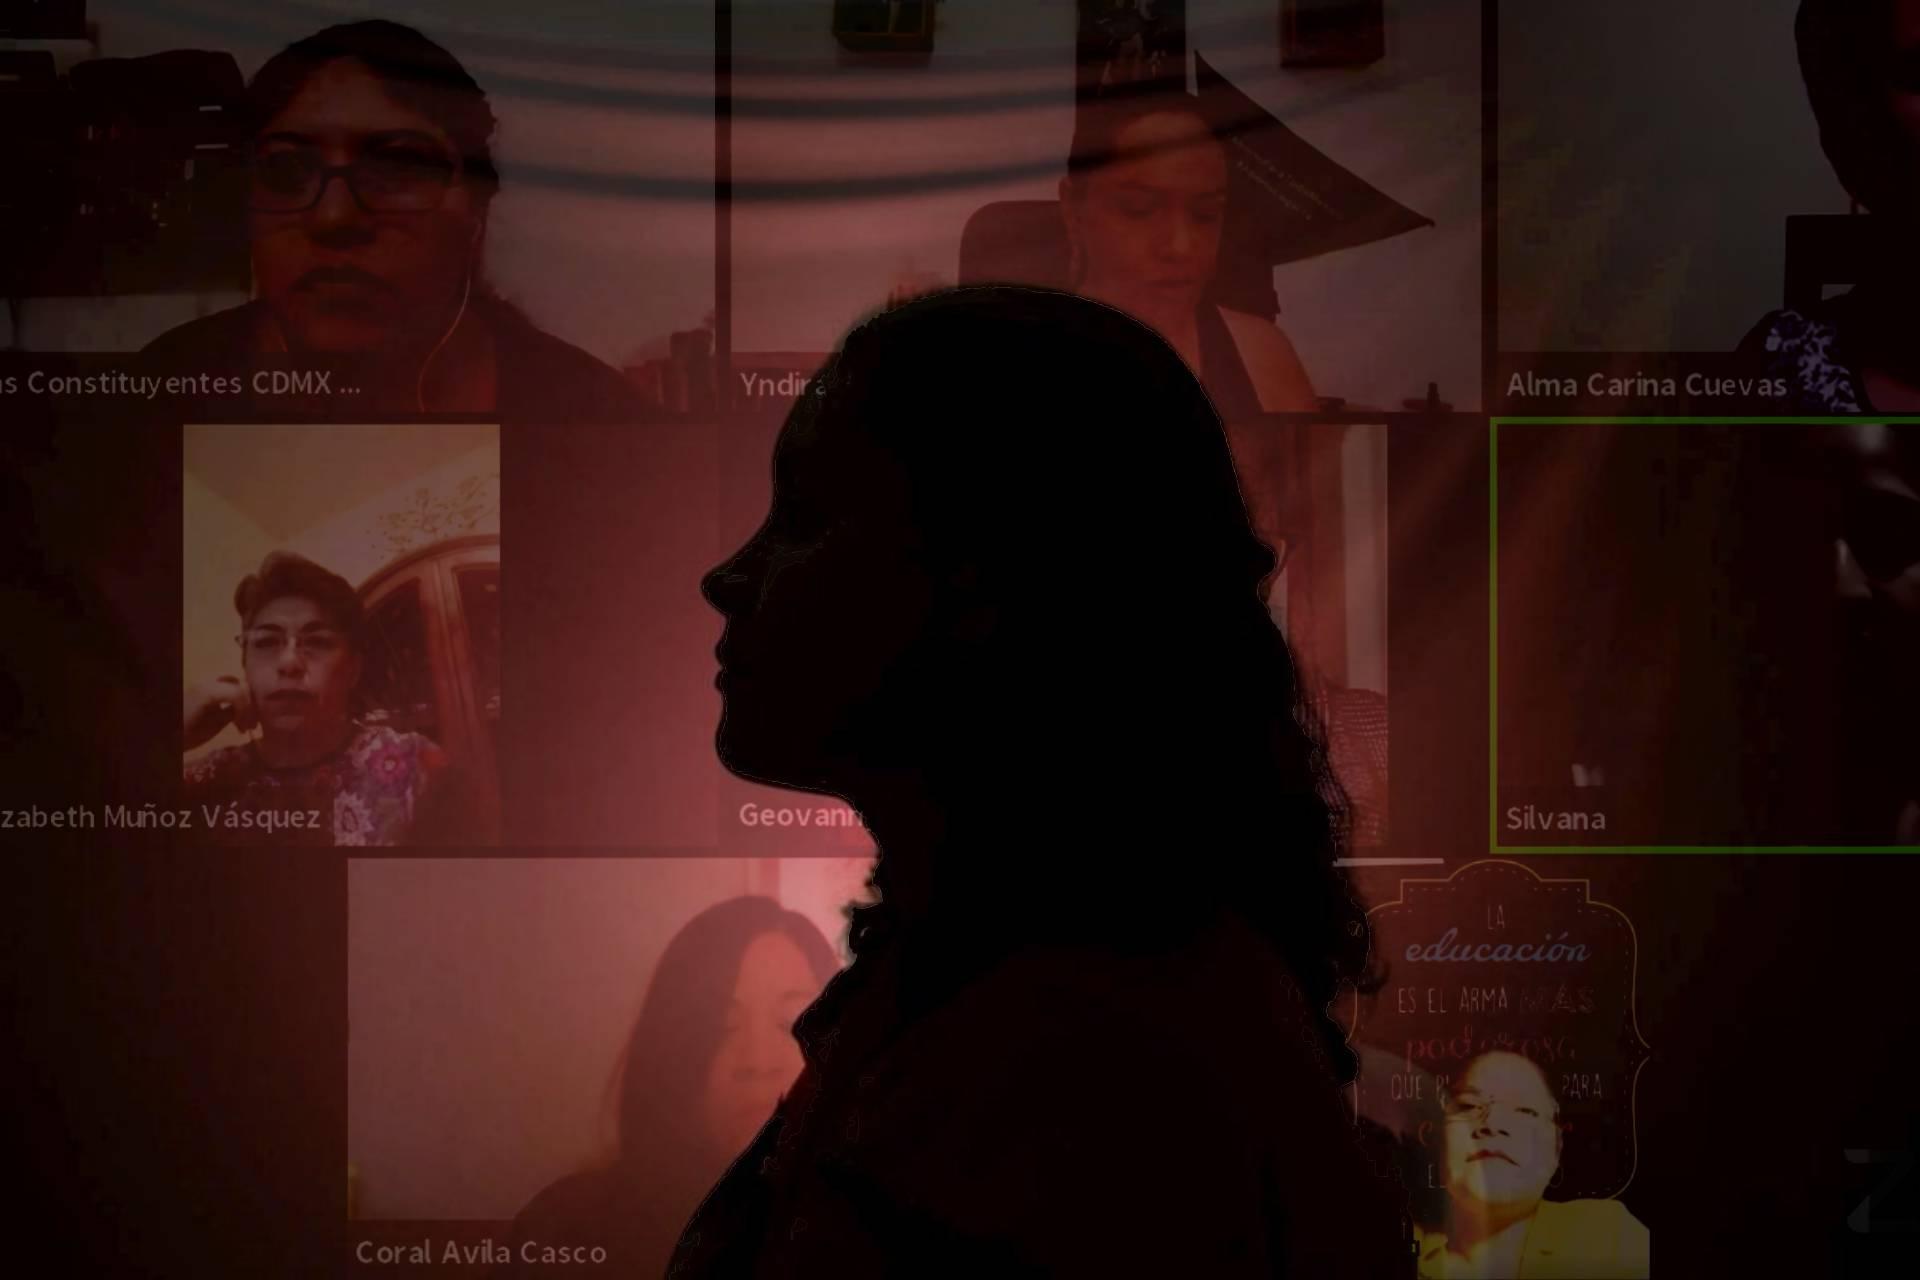 violencia contra las mujeres-CEDAW-Tlaxcala-Feminicidio-Alerta de Violencia de Género contra las Mujeres-Desapariciones